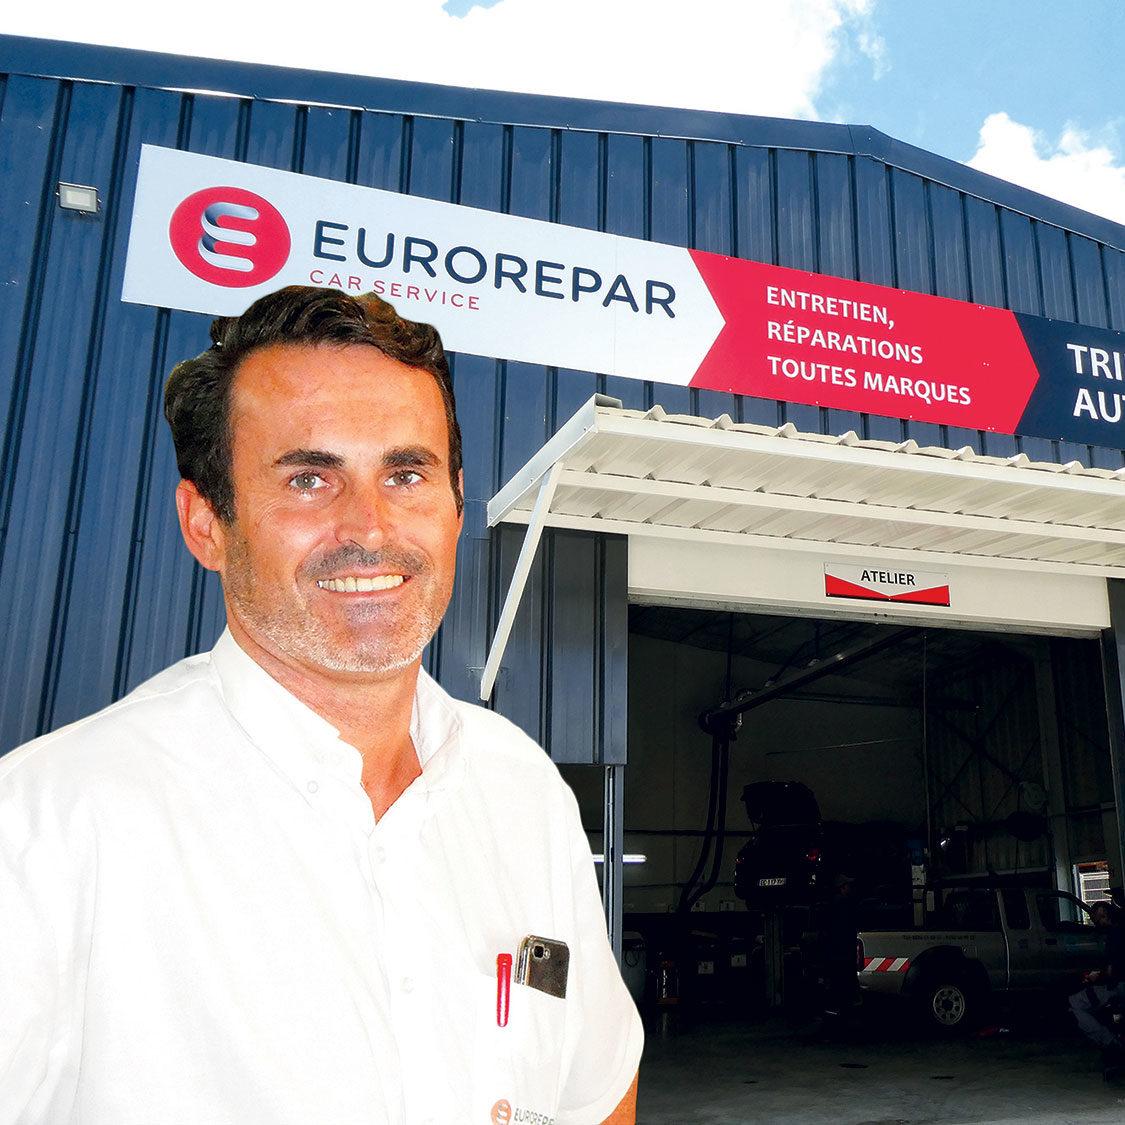 Garages en Martinique : Eurorepar Car Service marie services et prix bas